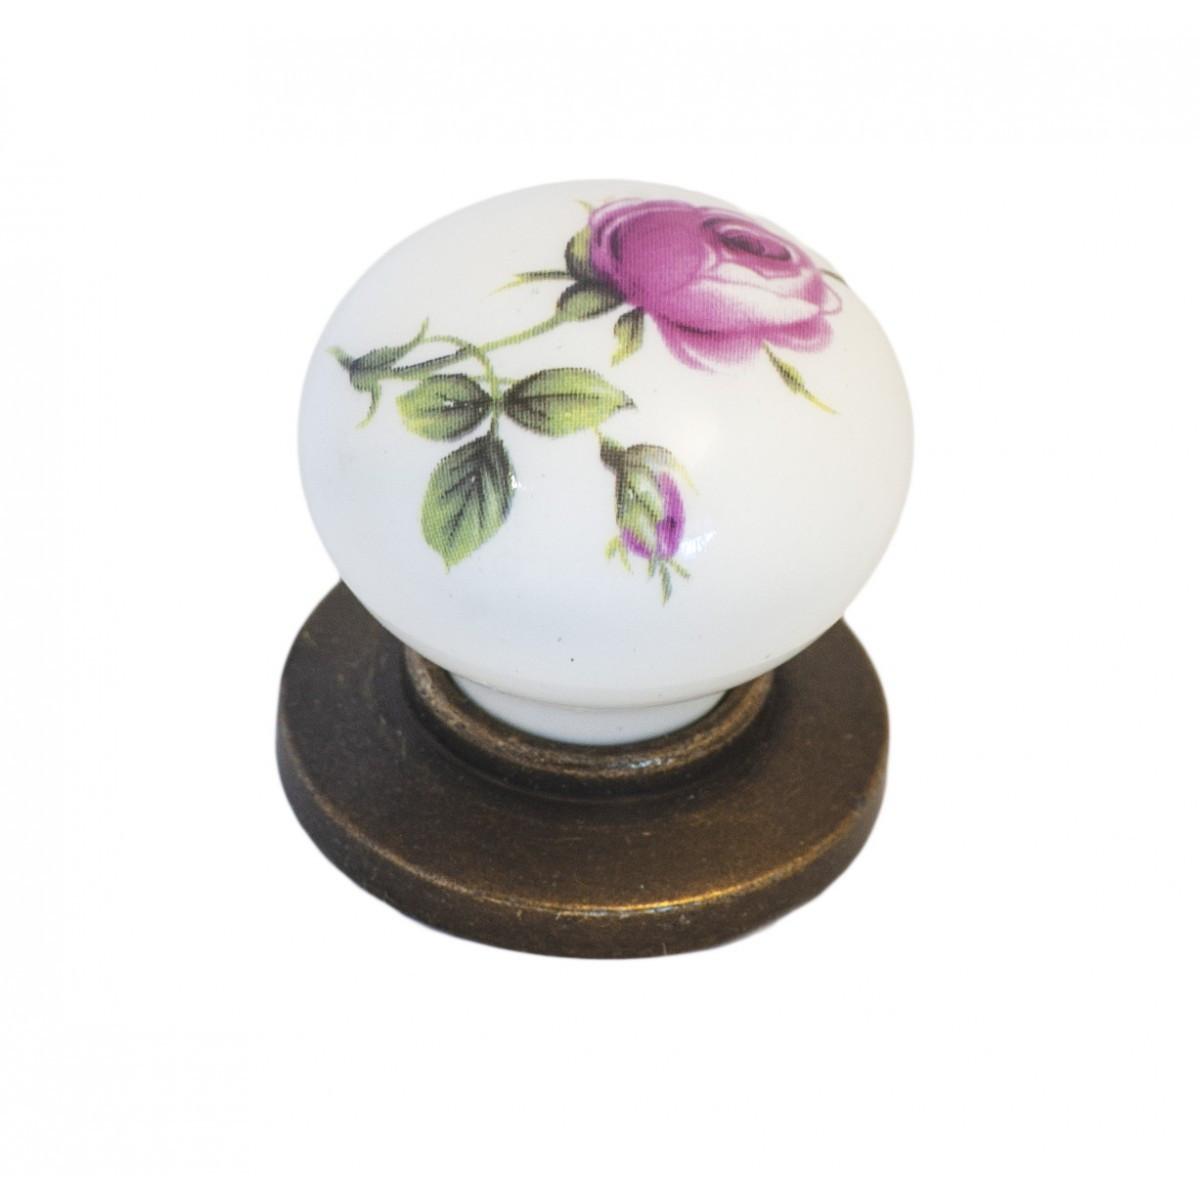 Ручка мебельная Ozkardesler 6073-08/44 керамика KURE PULLU PORSELEN Бронза Роза